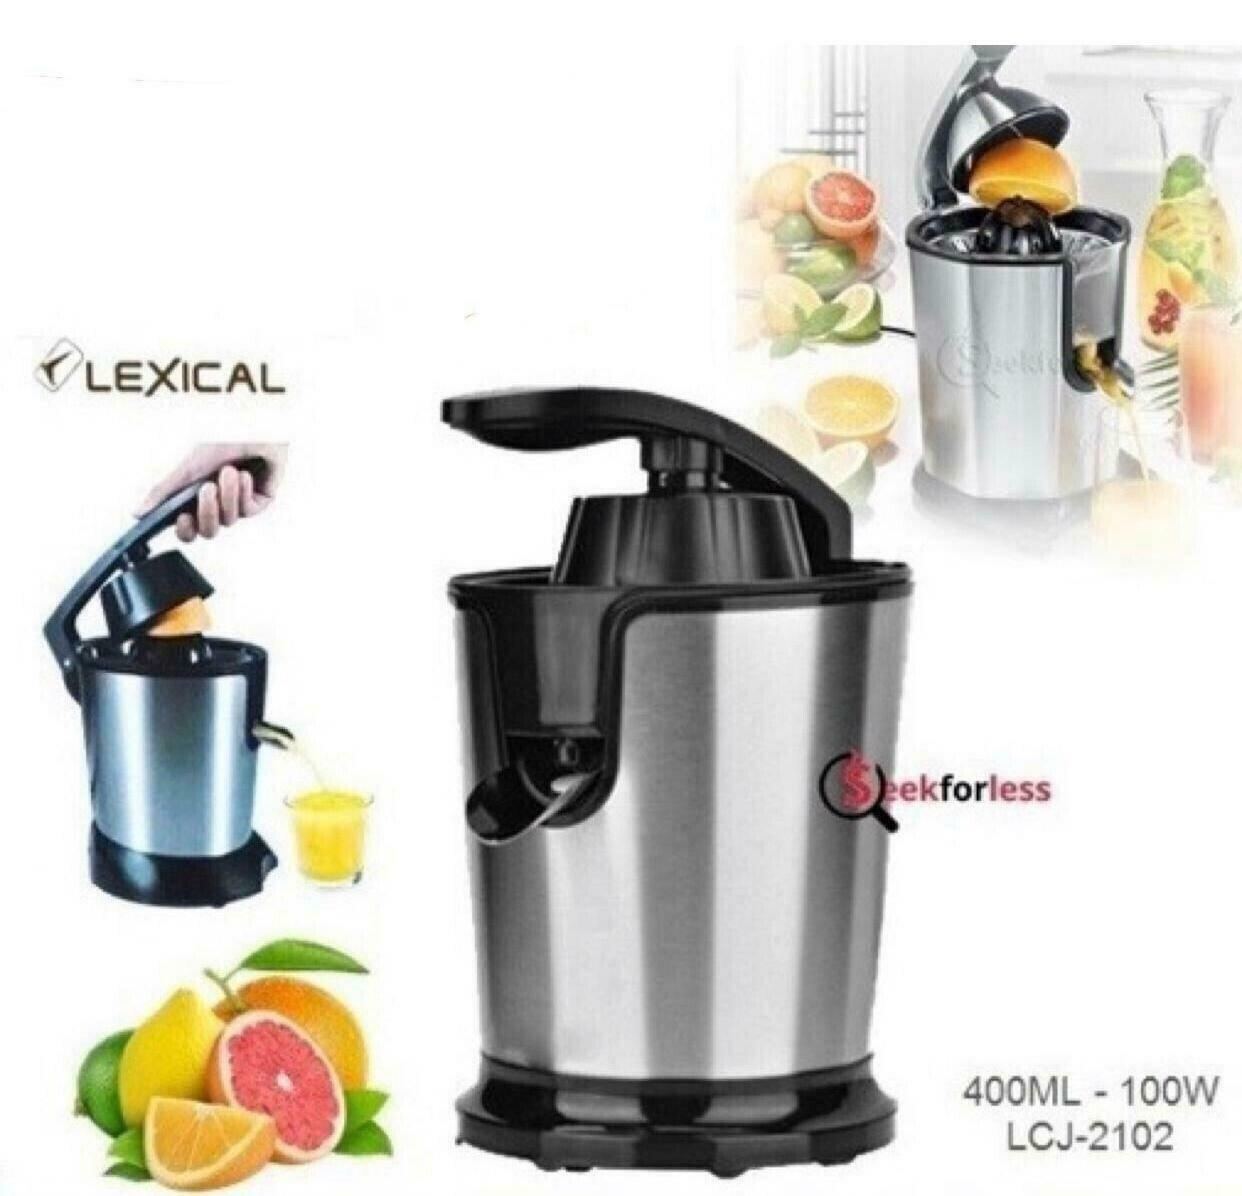 LEXICAL Citrus Juicer